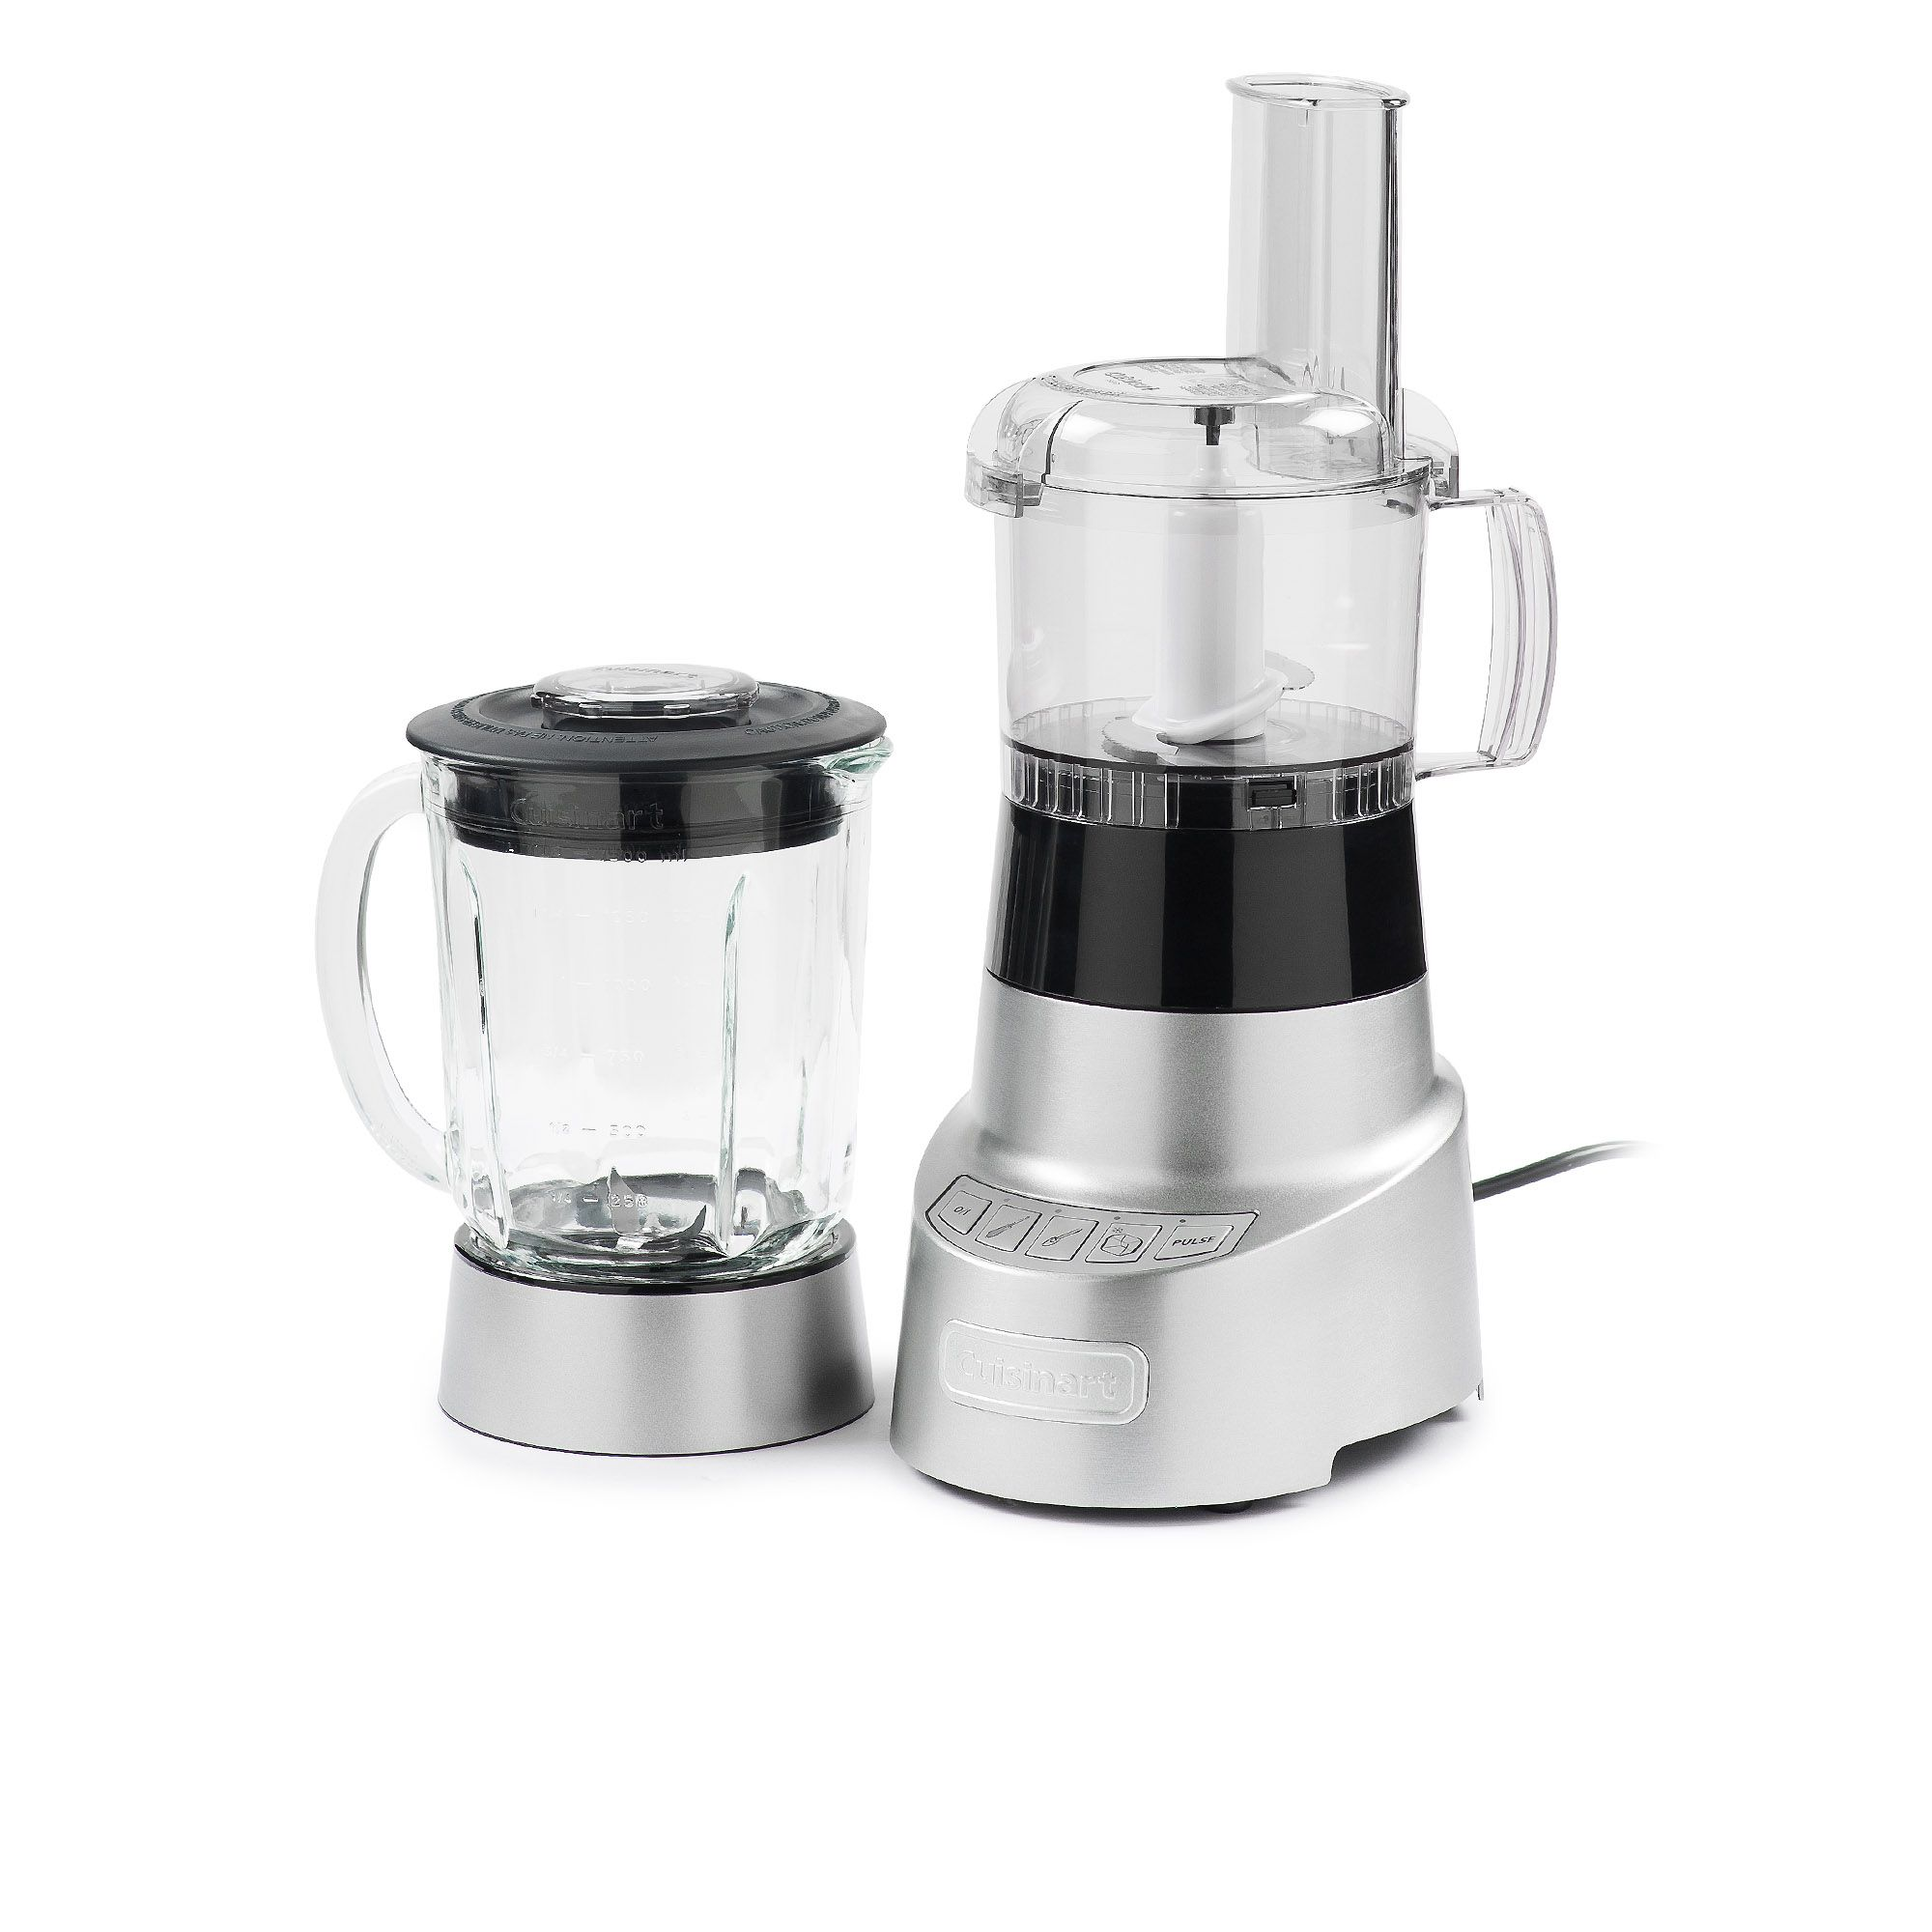 Cuisinart frullatore robot 2in1 con caraffa in vetro e - Cuisinart italia ...